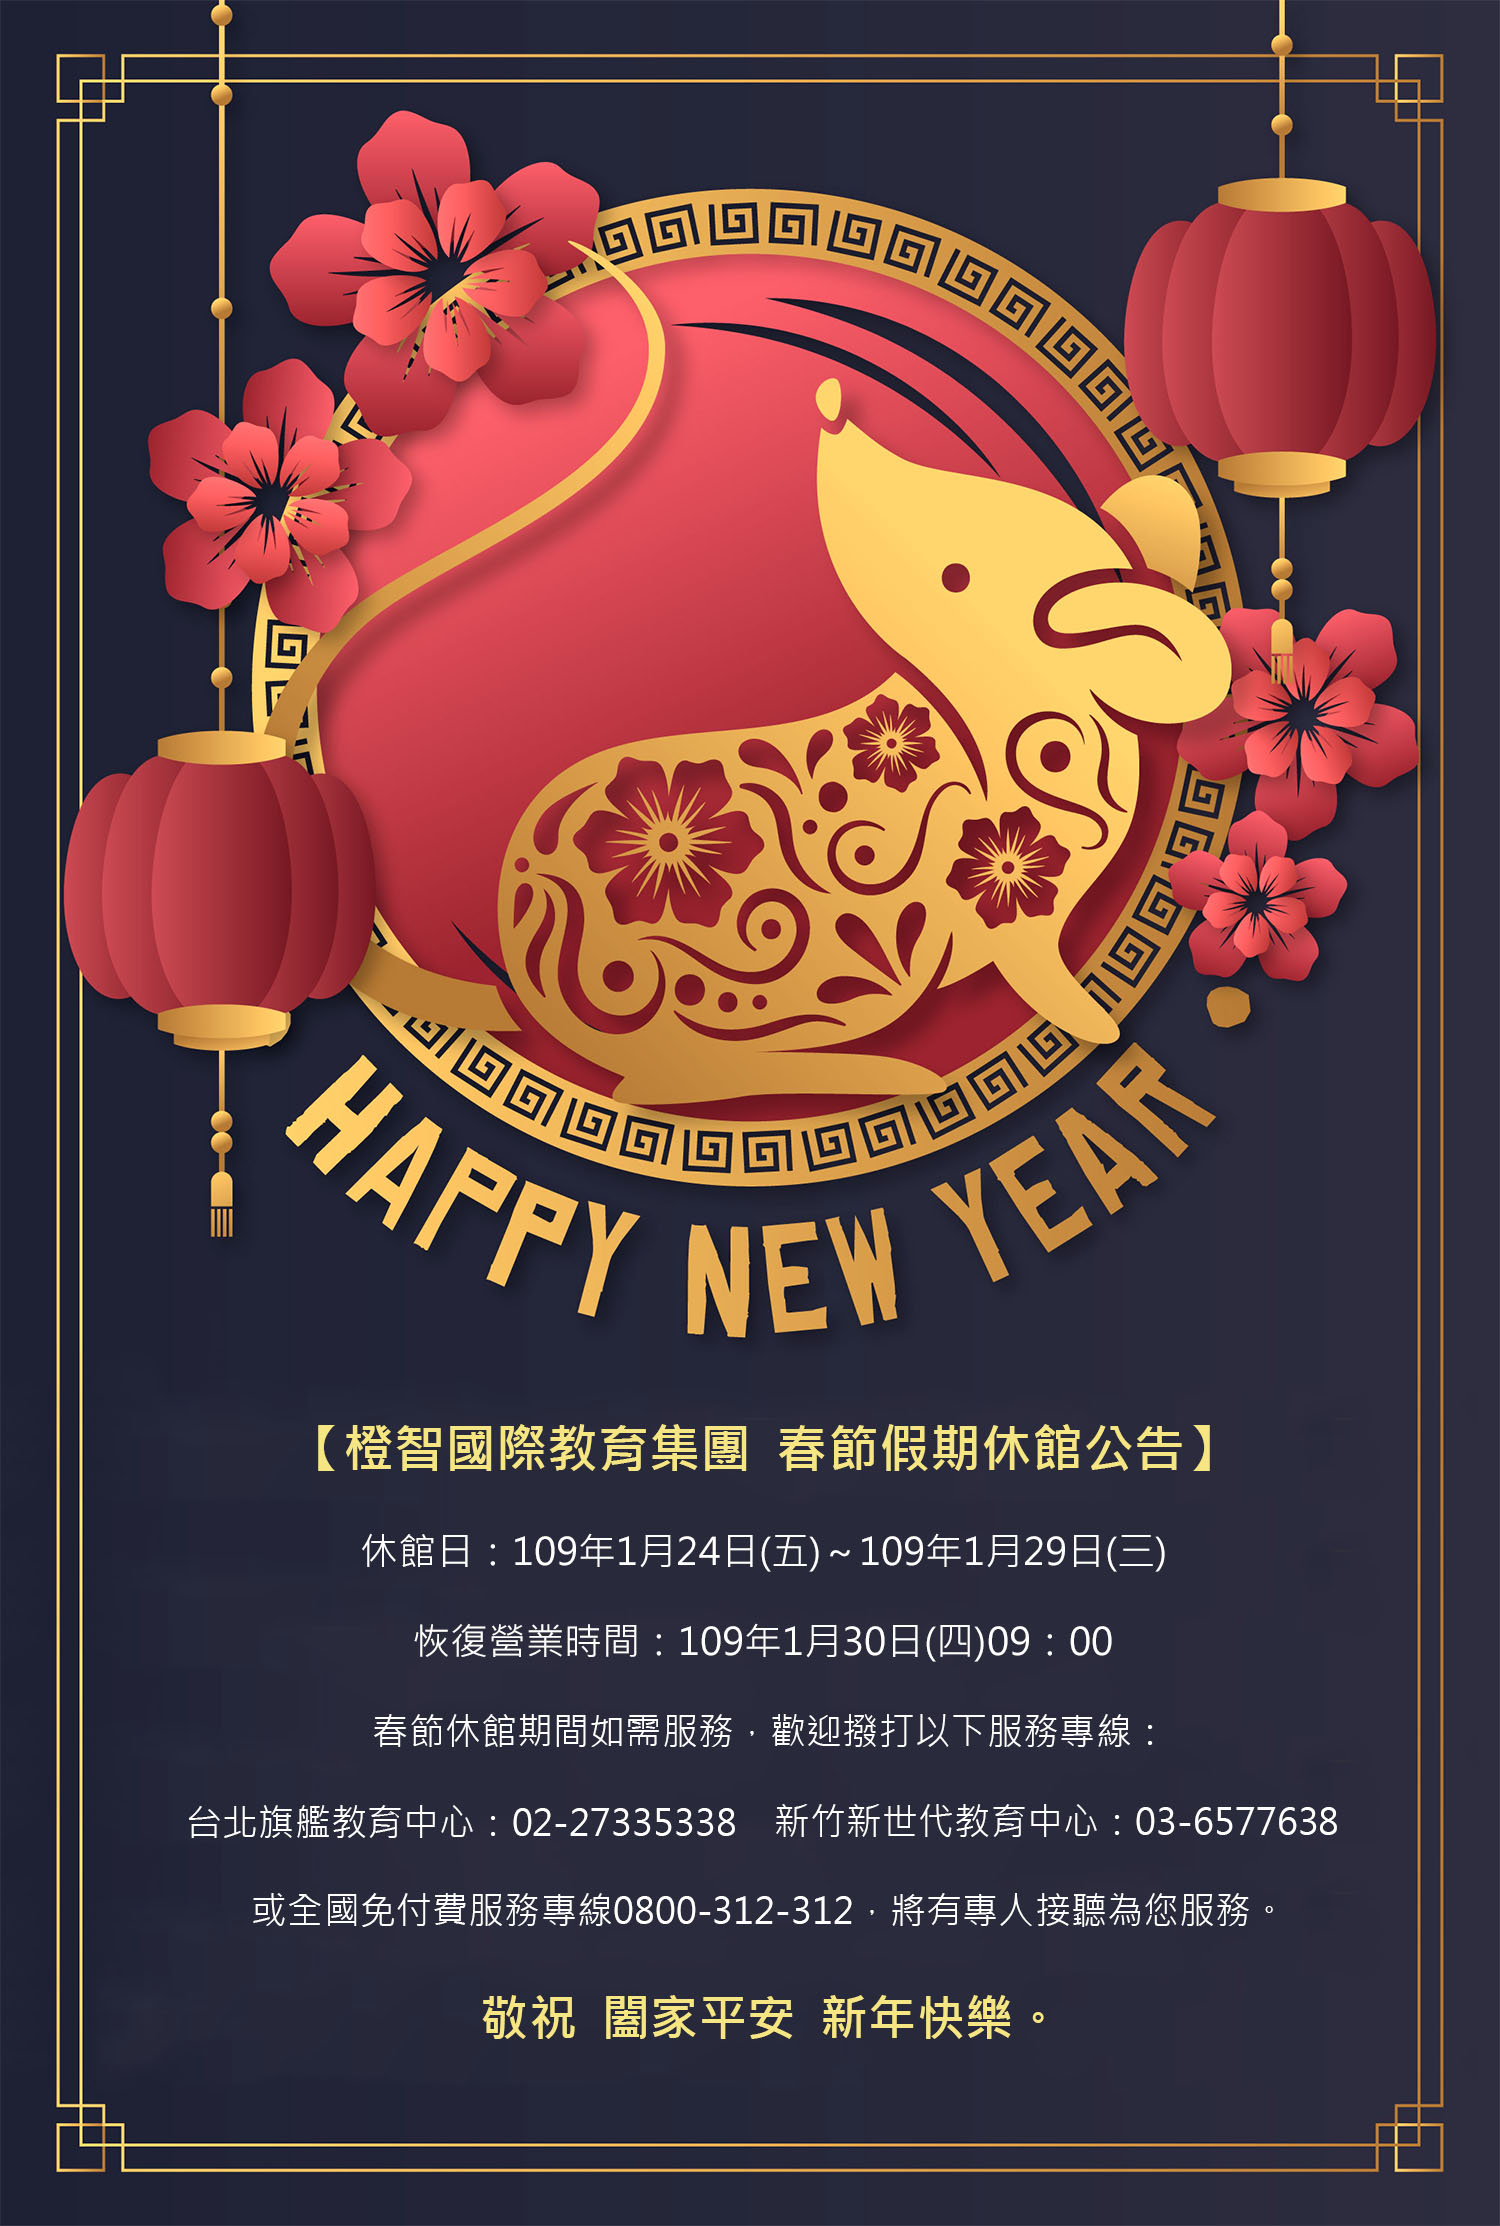 【橙智109年春節休館公告】敬祝闔家平安,新年快樂